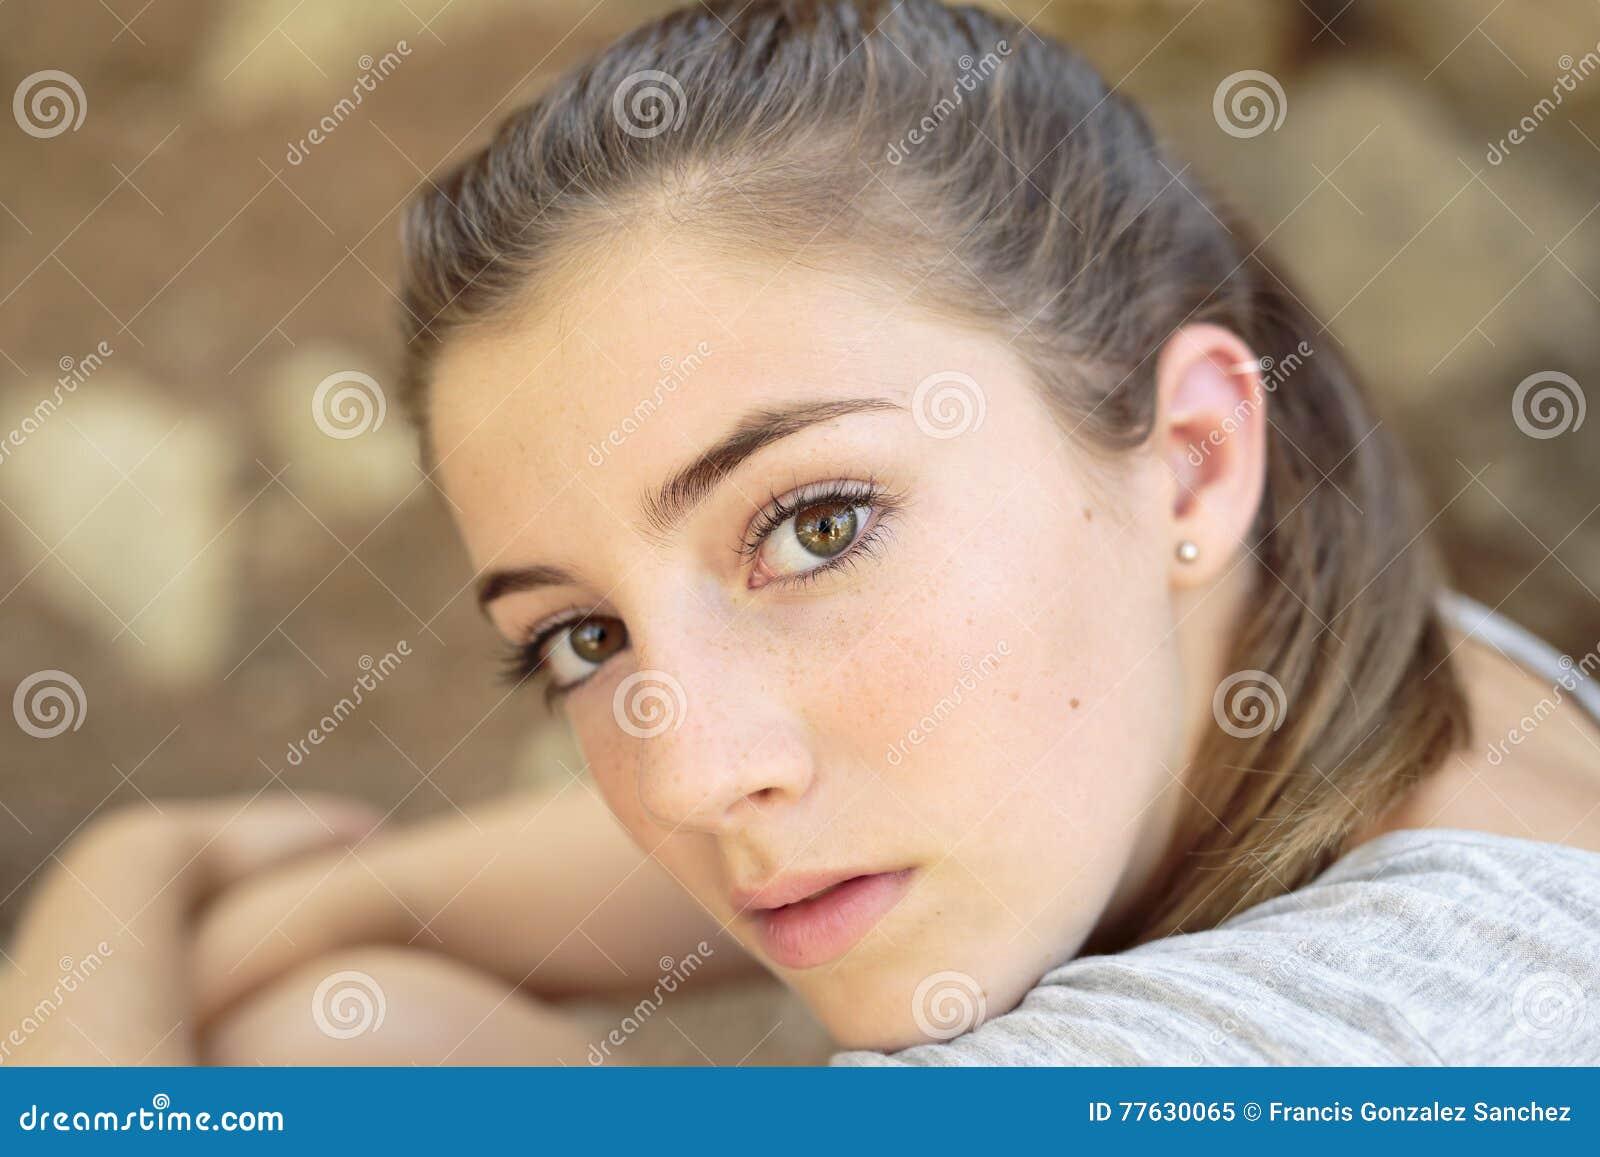 Stående av den tonårs- flickan med naturligt ljus